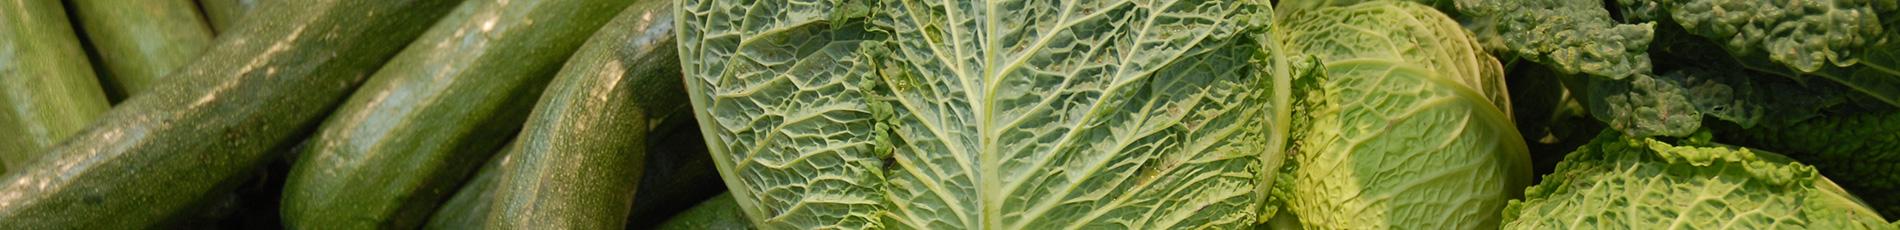 Horto-frutícolas